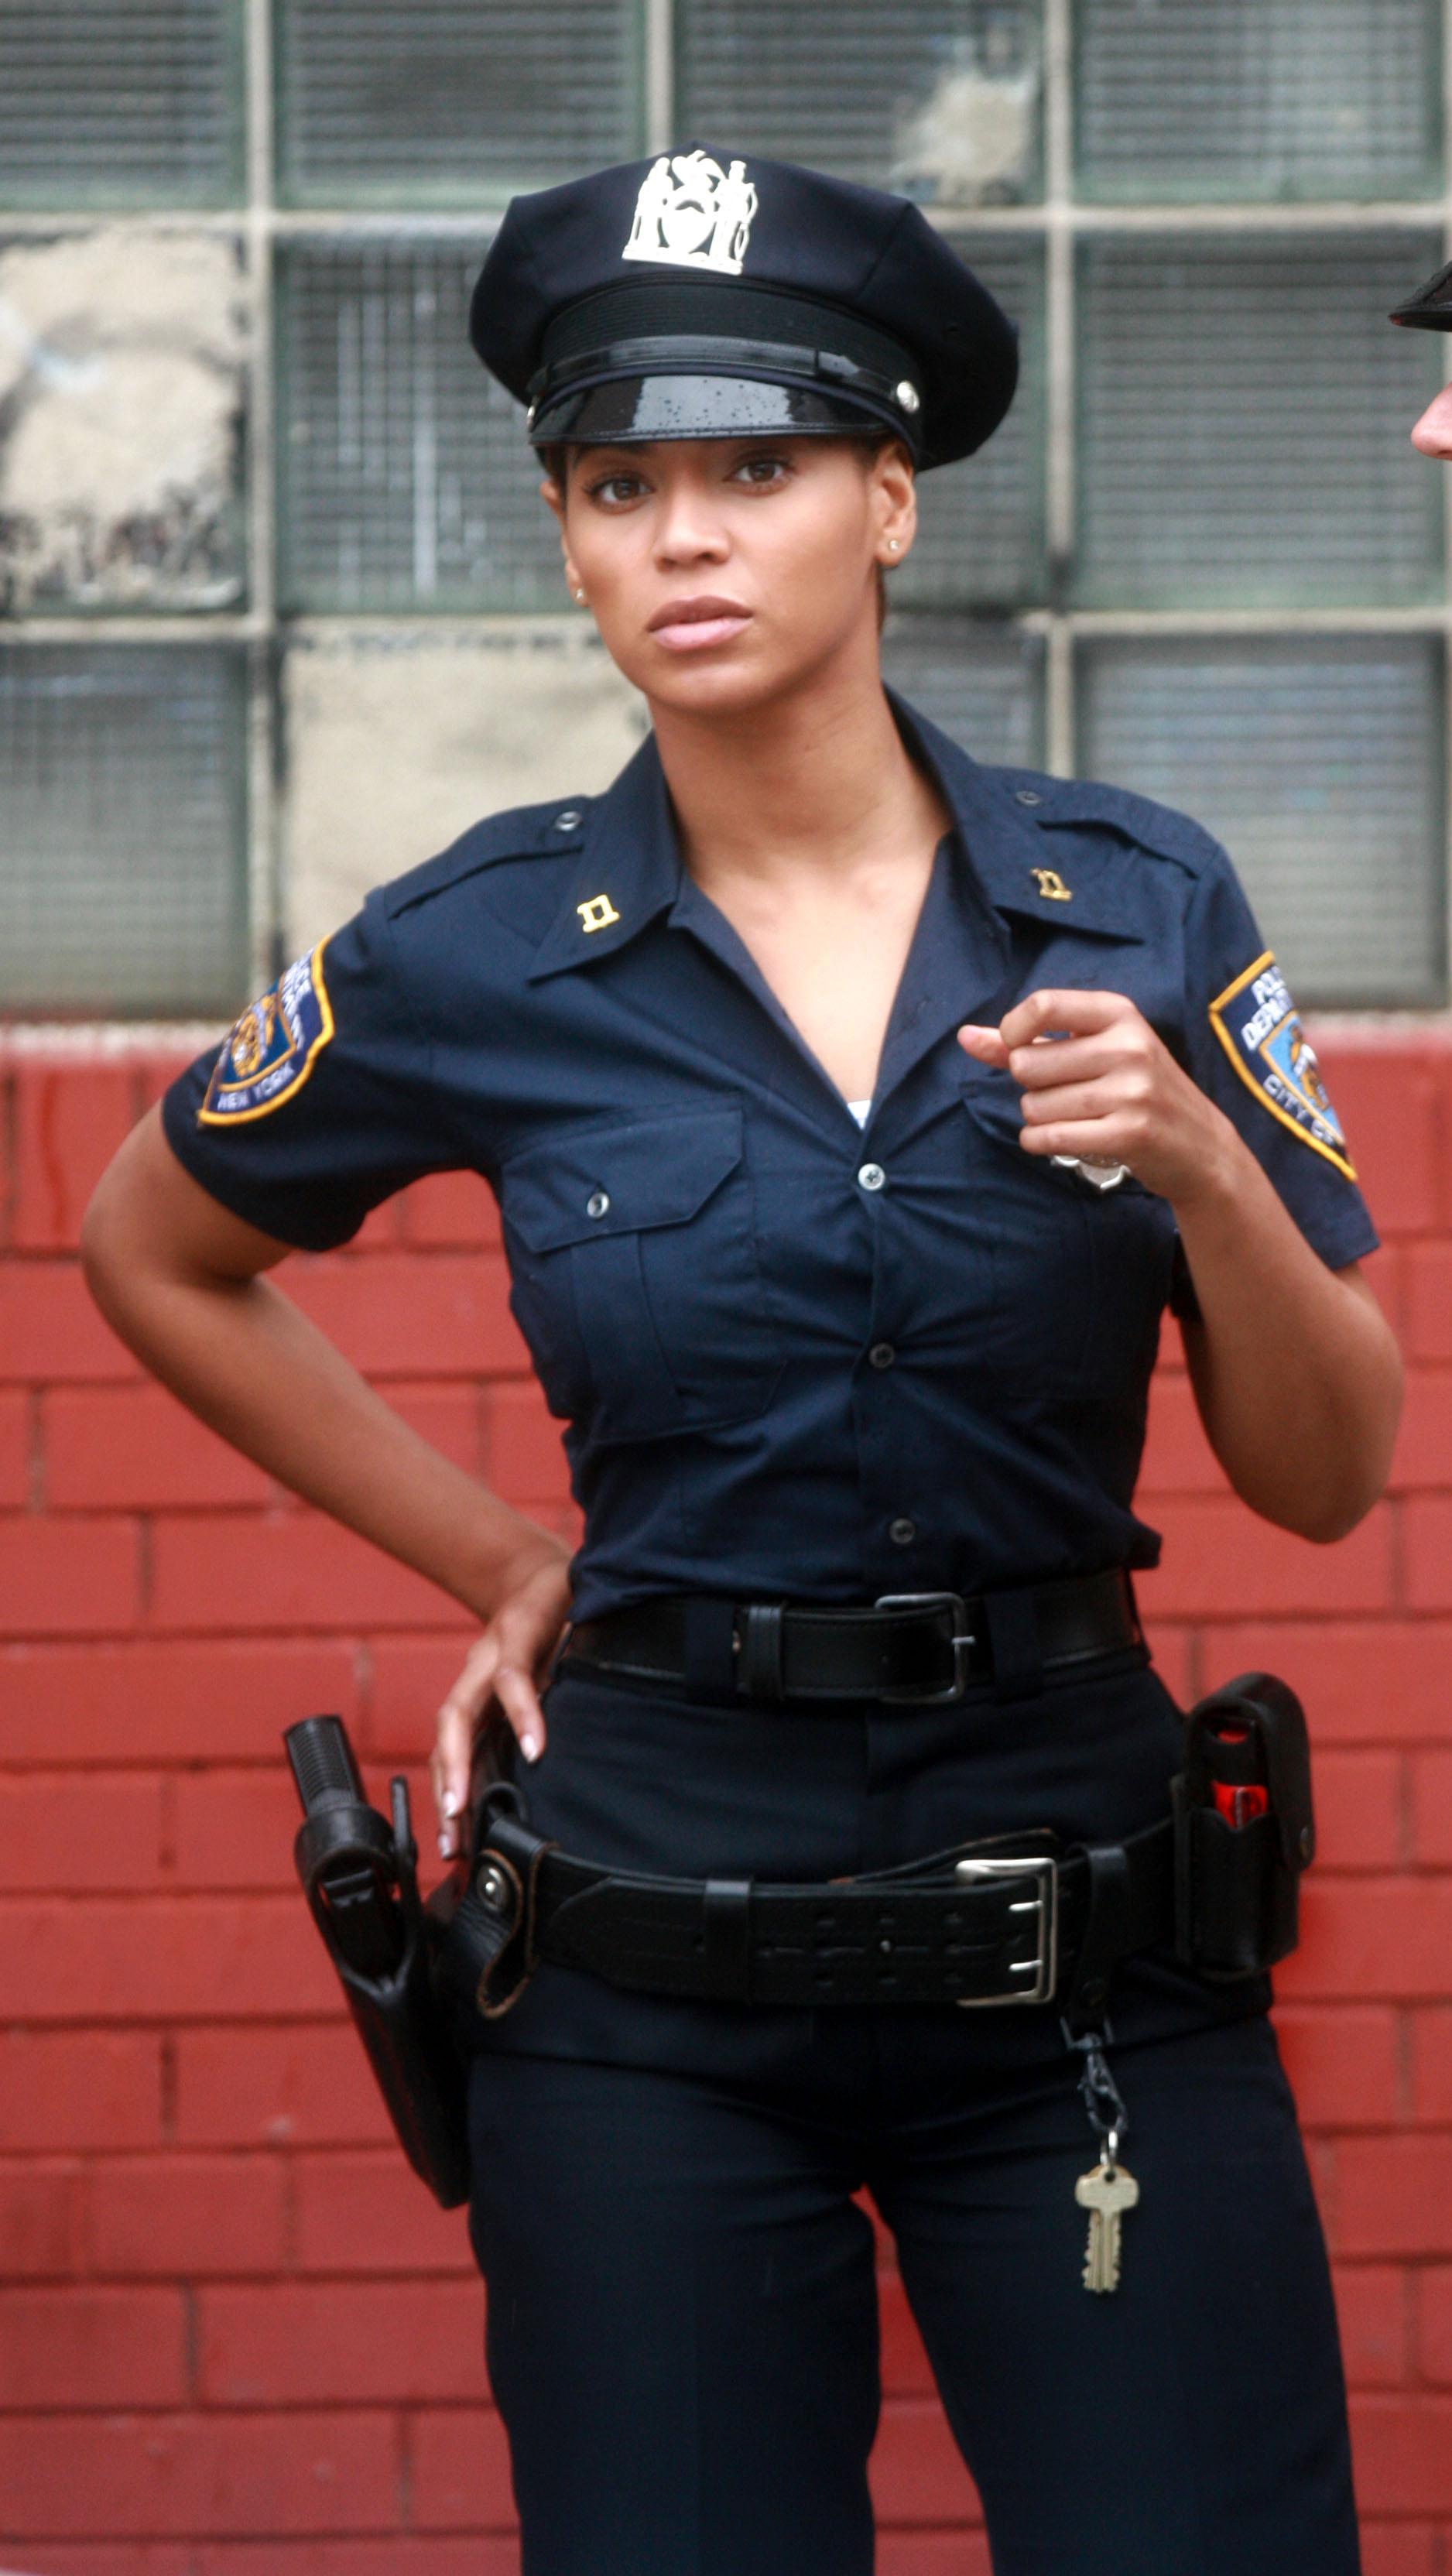 Фото молодых девочек в костюмах полиции 26 фотография